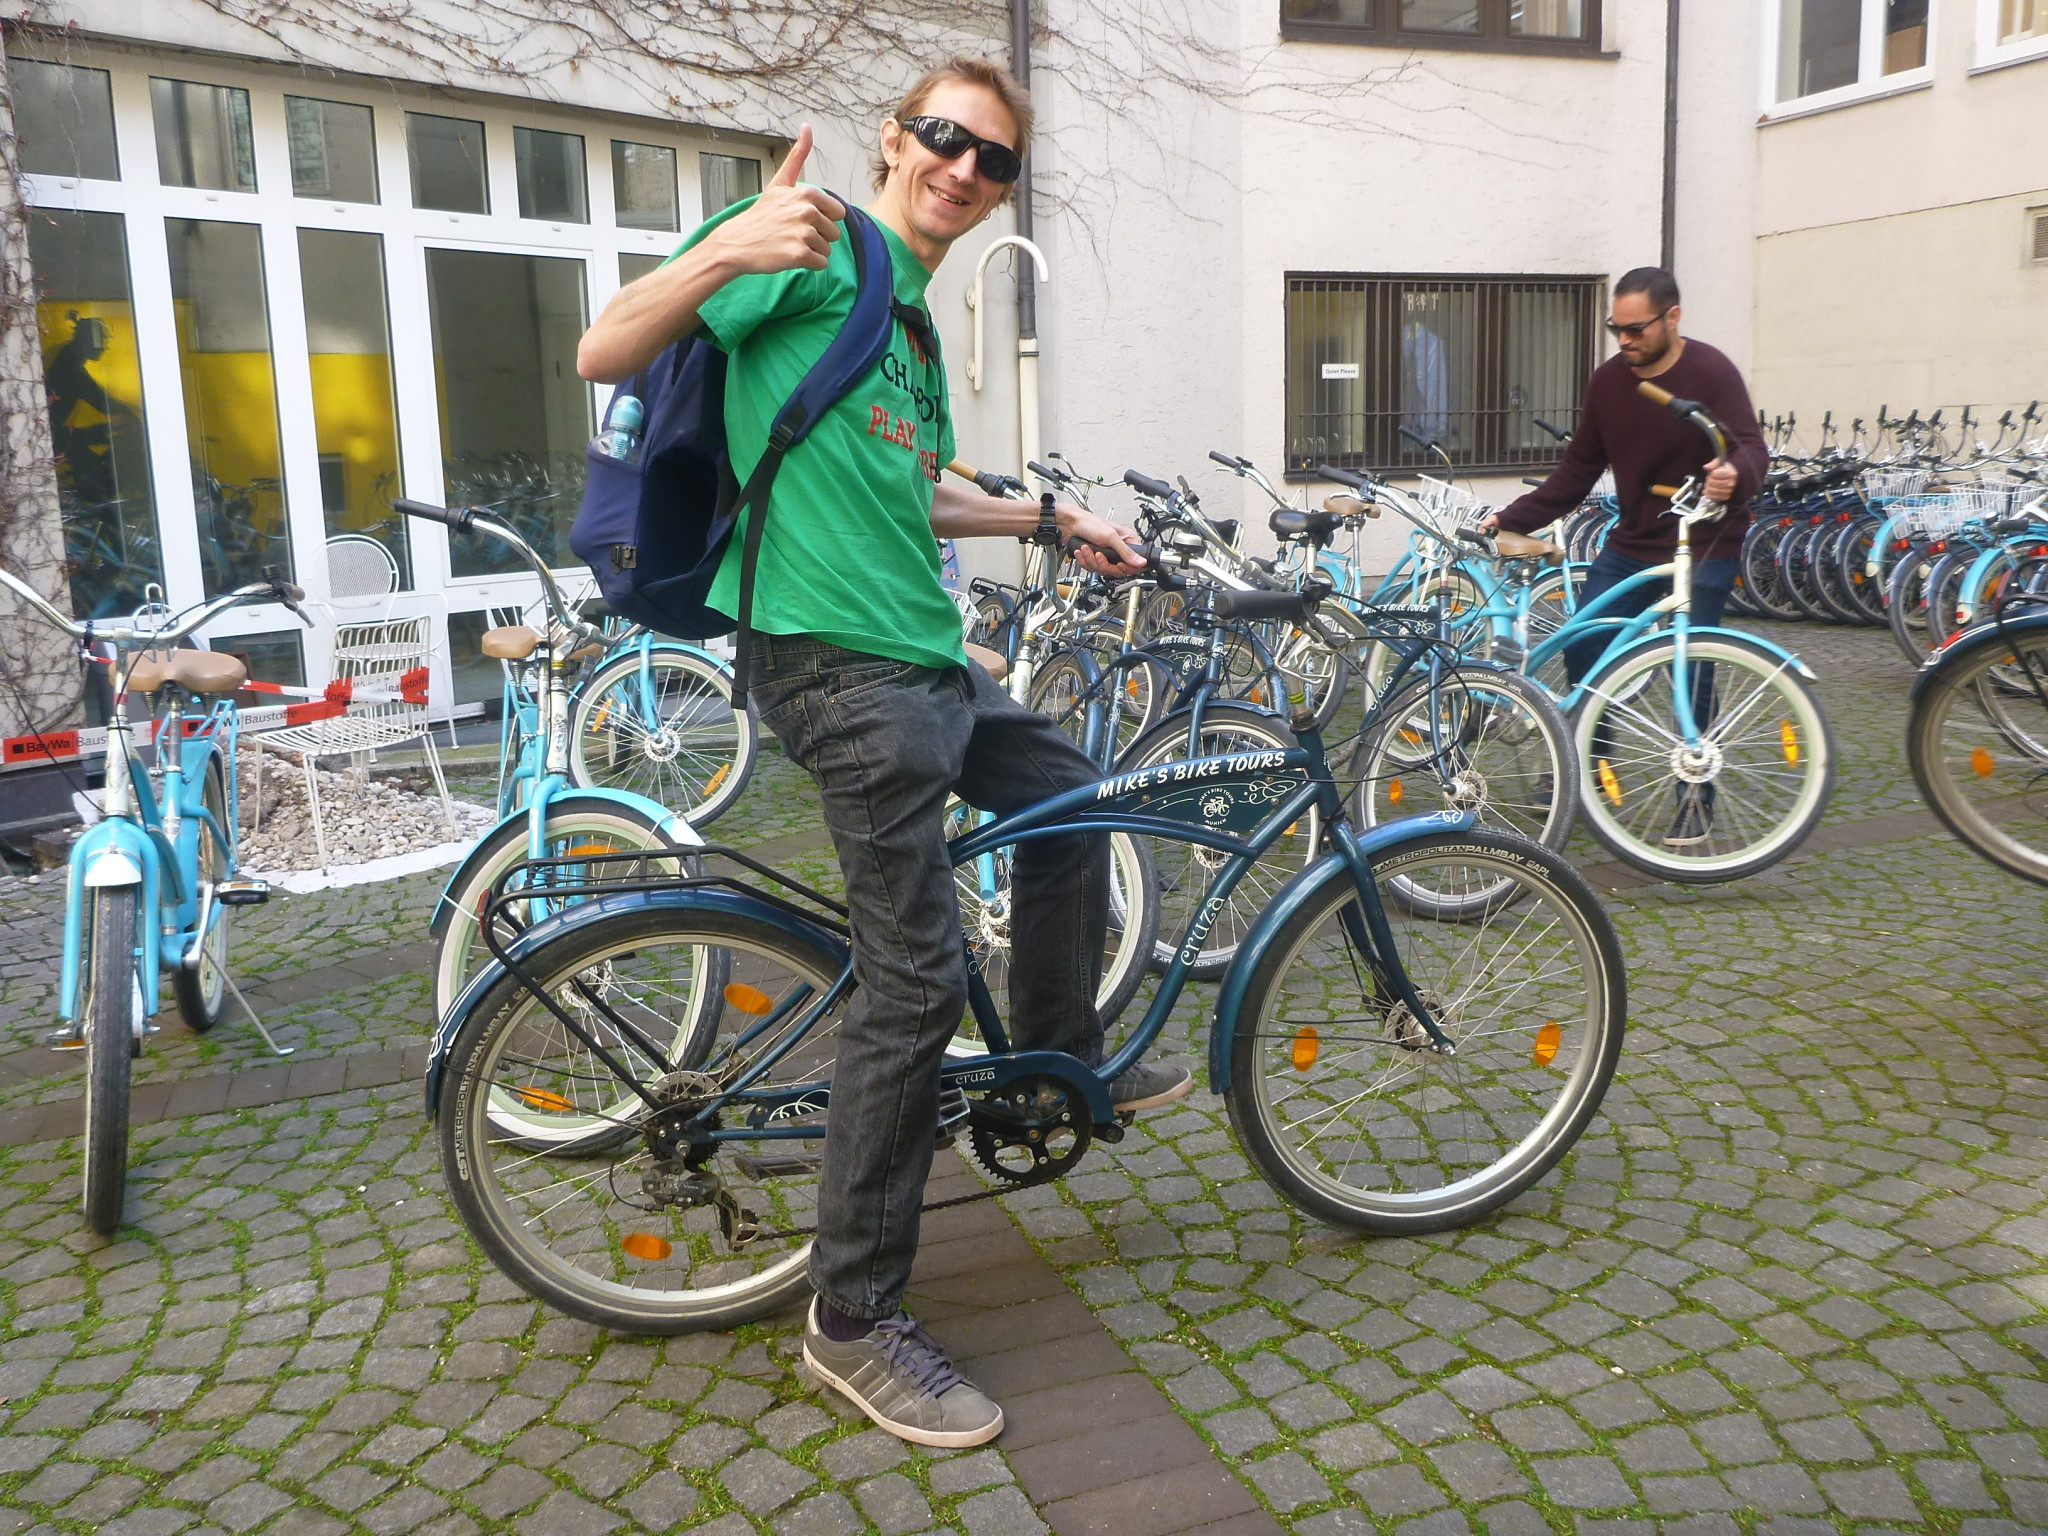 Bildergebnis für mikes bike tours of munich